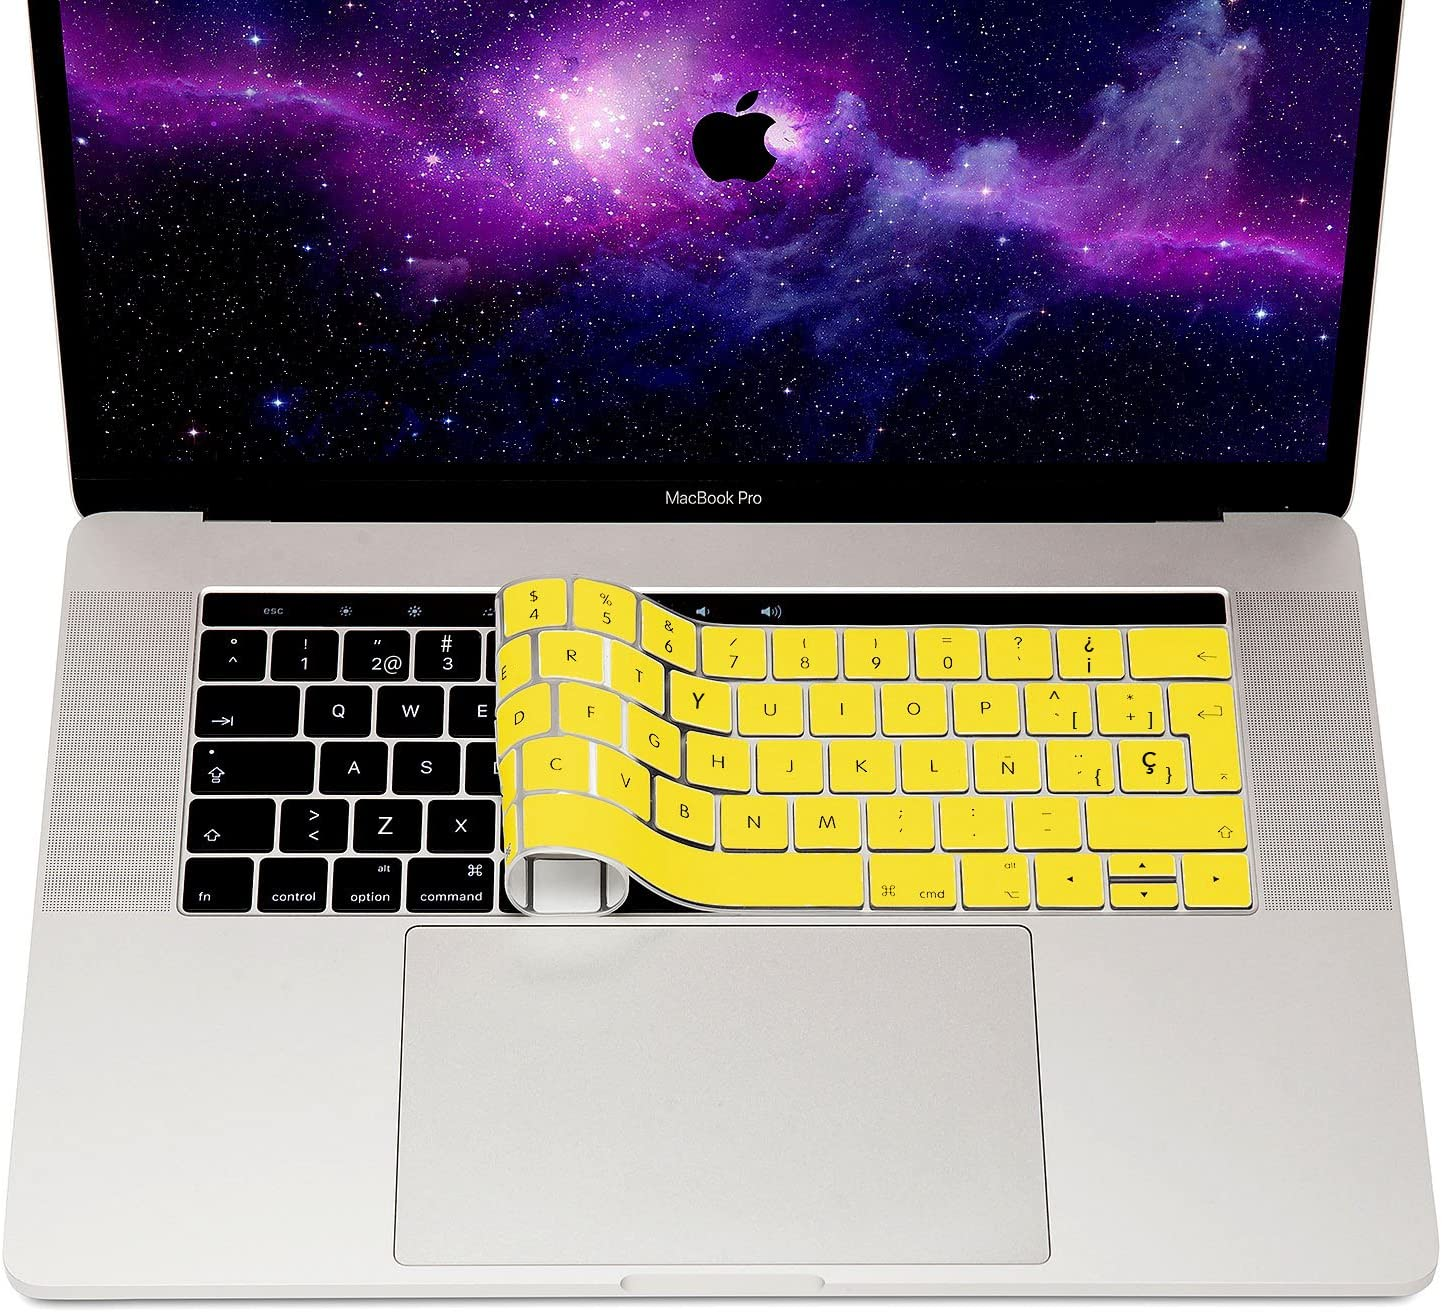 MyGadget Funda Teclado para Apple MacBook Nuevo Pro 13 15 - Skin Protector Transparente Ultra Delgado Keyboard Cover de Silicona Desde 2016, Touchbar